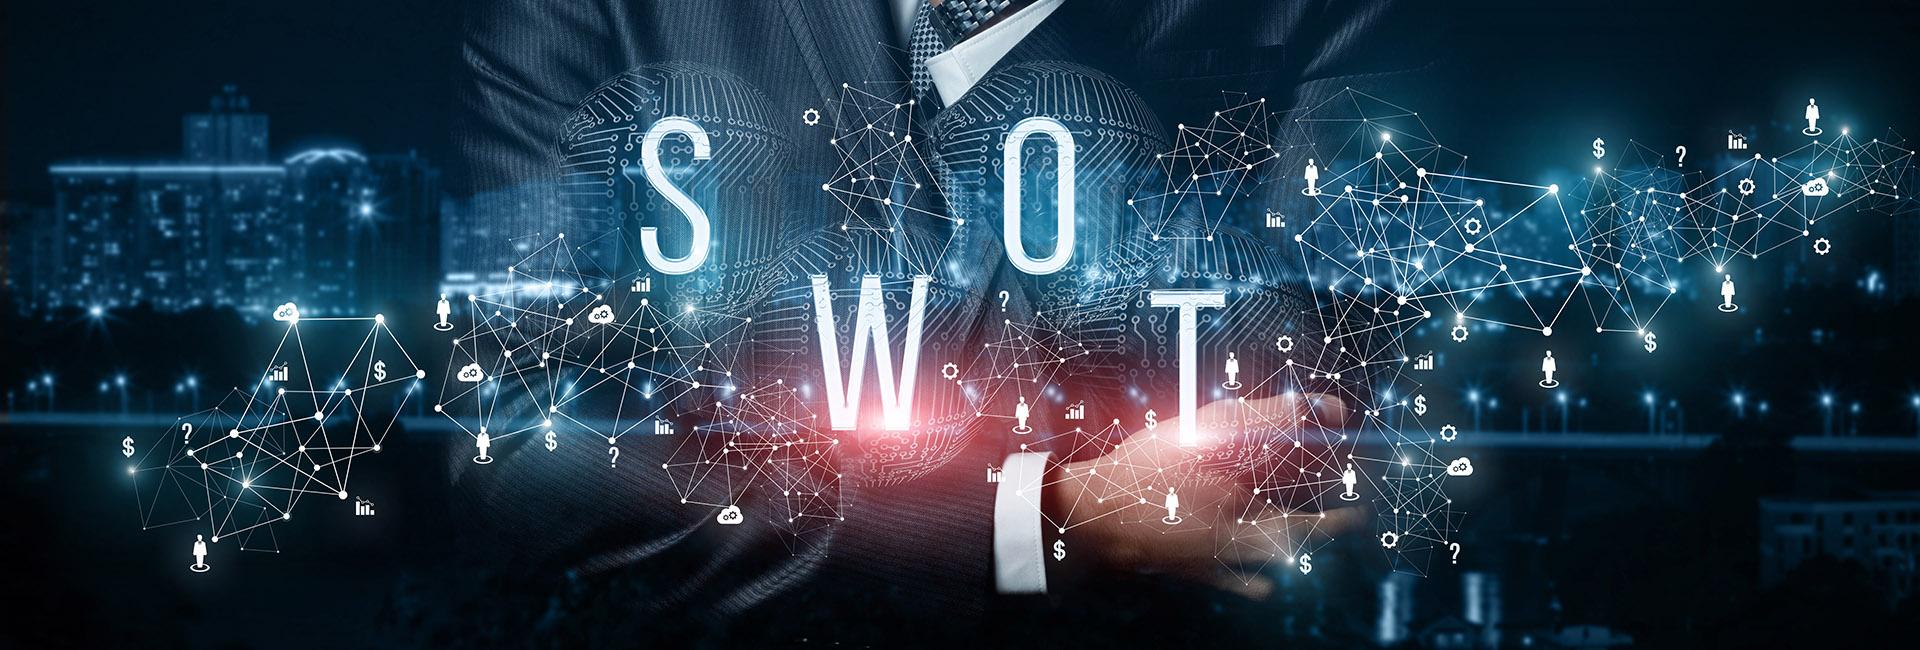 Le SWOT pour contrer ||la tendance du zéro clic